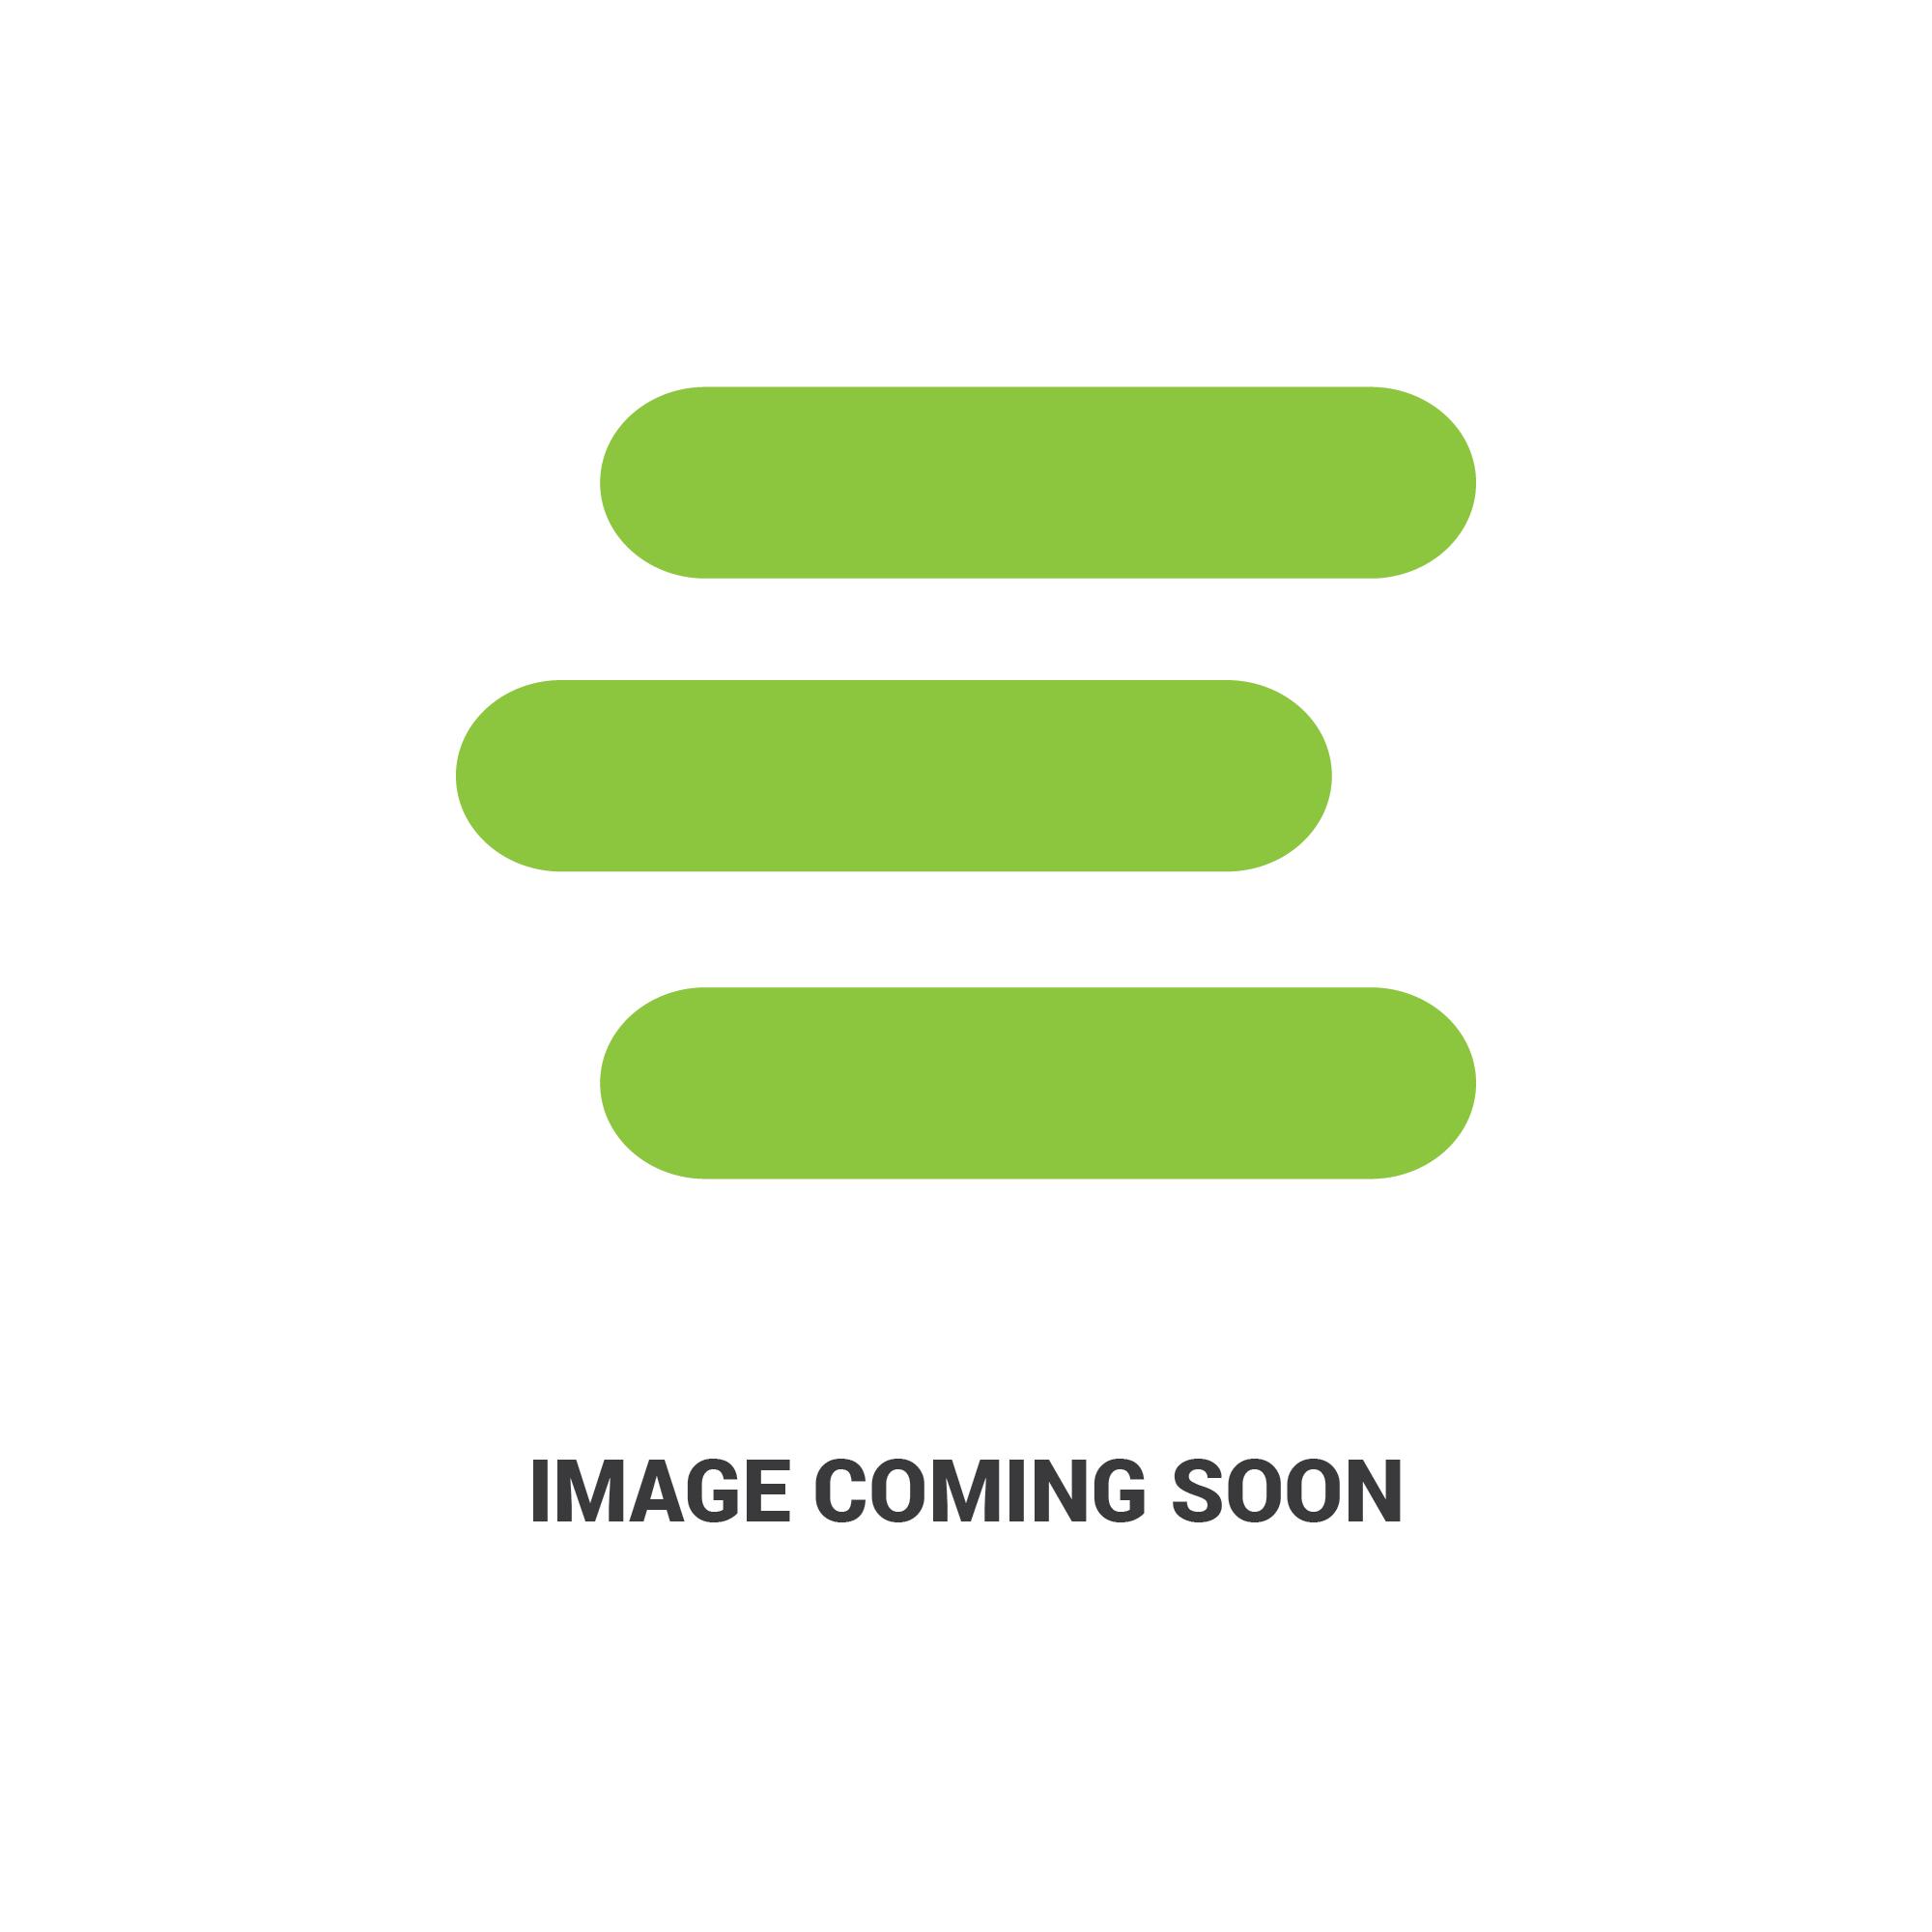 Disc Mower Blade 697552 Bolt Kit